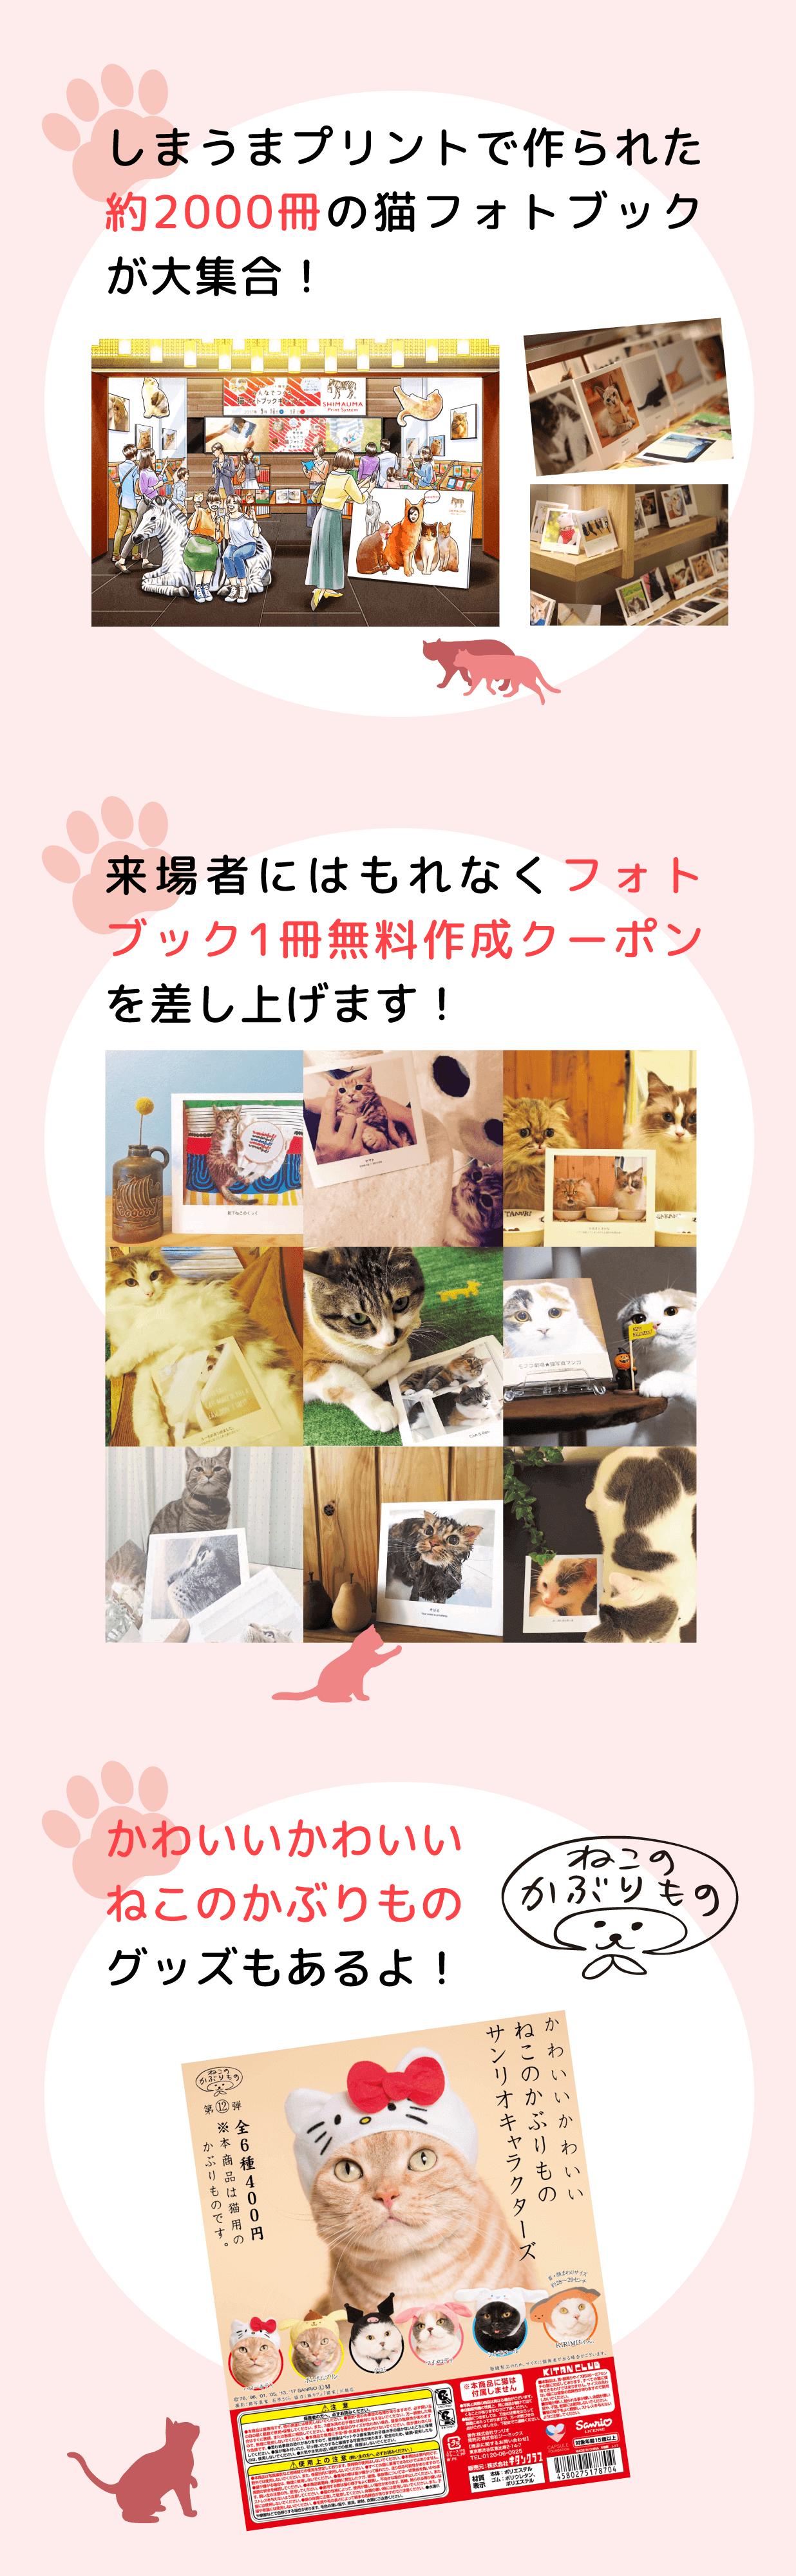 猫フォトブックが大集合!来場者にはもれなくフォトブック1冊無料クーポンを差し上げます。ねこのかぶりものグッズもあるよ!